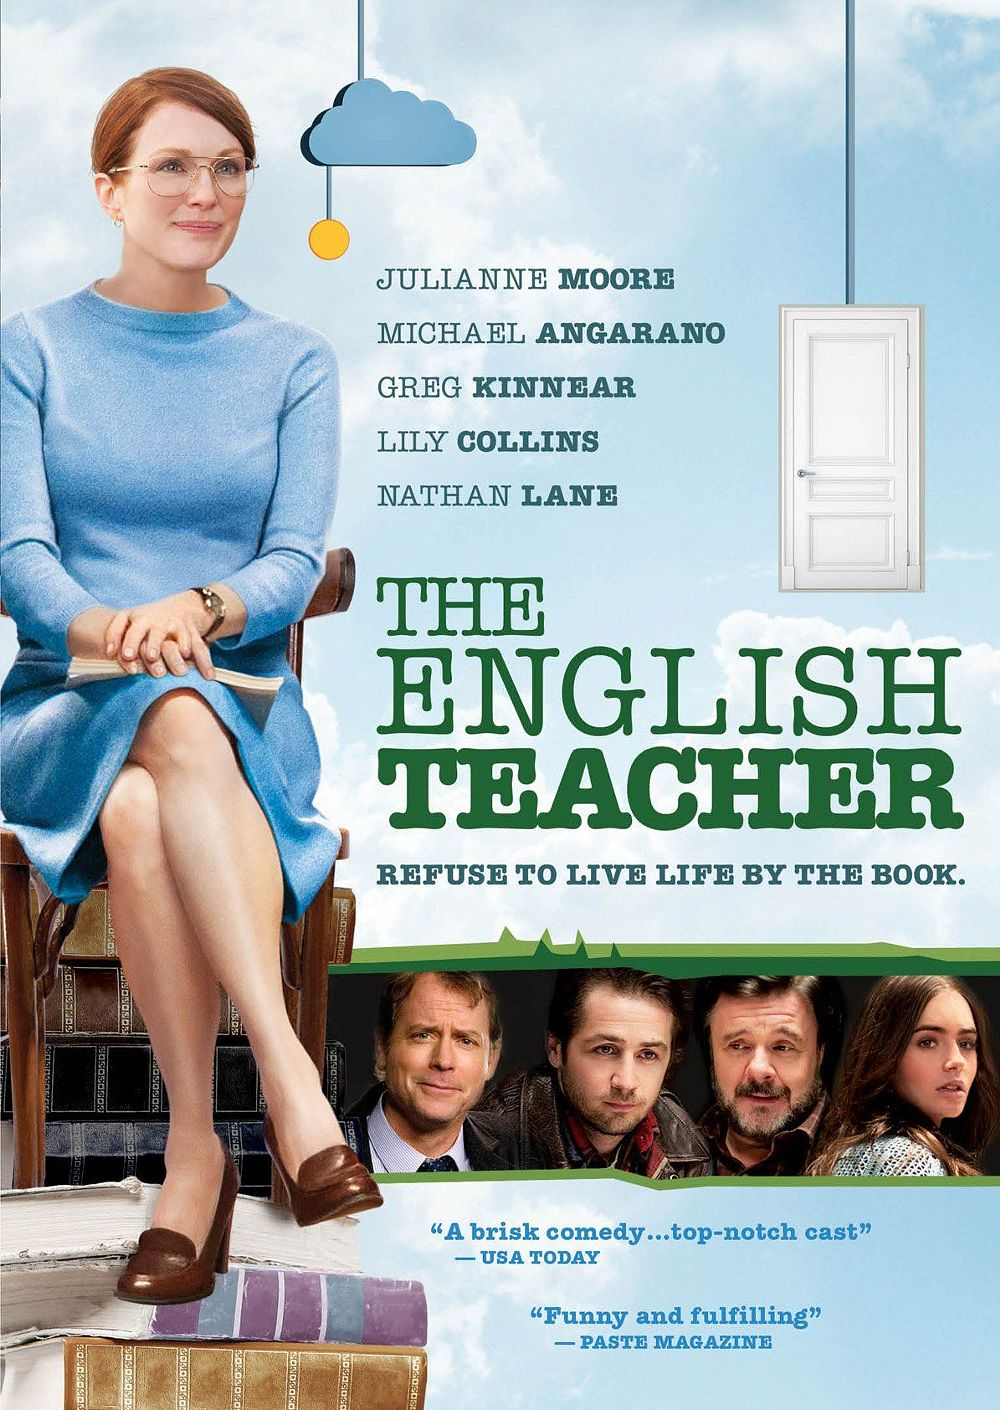 Gallager 2013). tutor spotyka się z uczniem lub małą grupą uczniów, którzy mają trudności z.